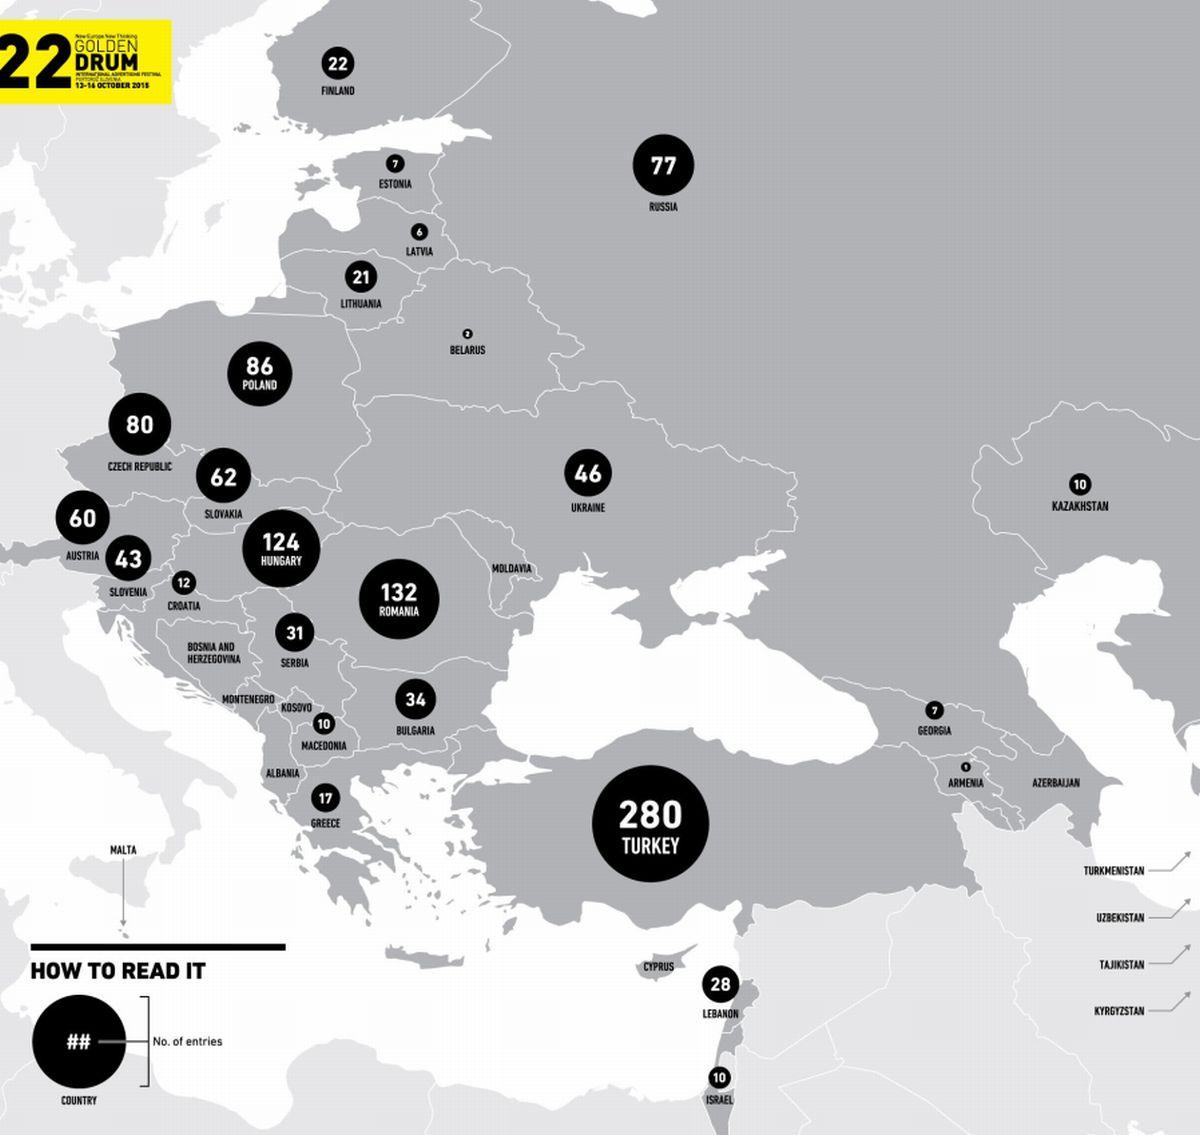 Zastoupení jednotlivých zemí v soutěži letošního 22. ročníku festivalu Golden Drum